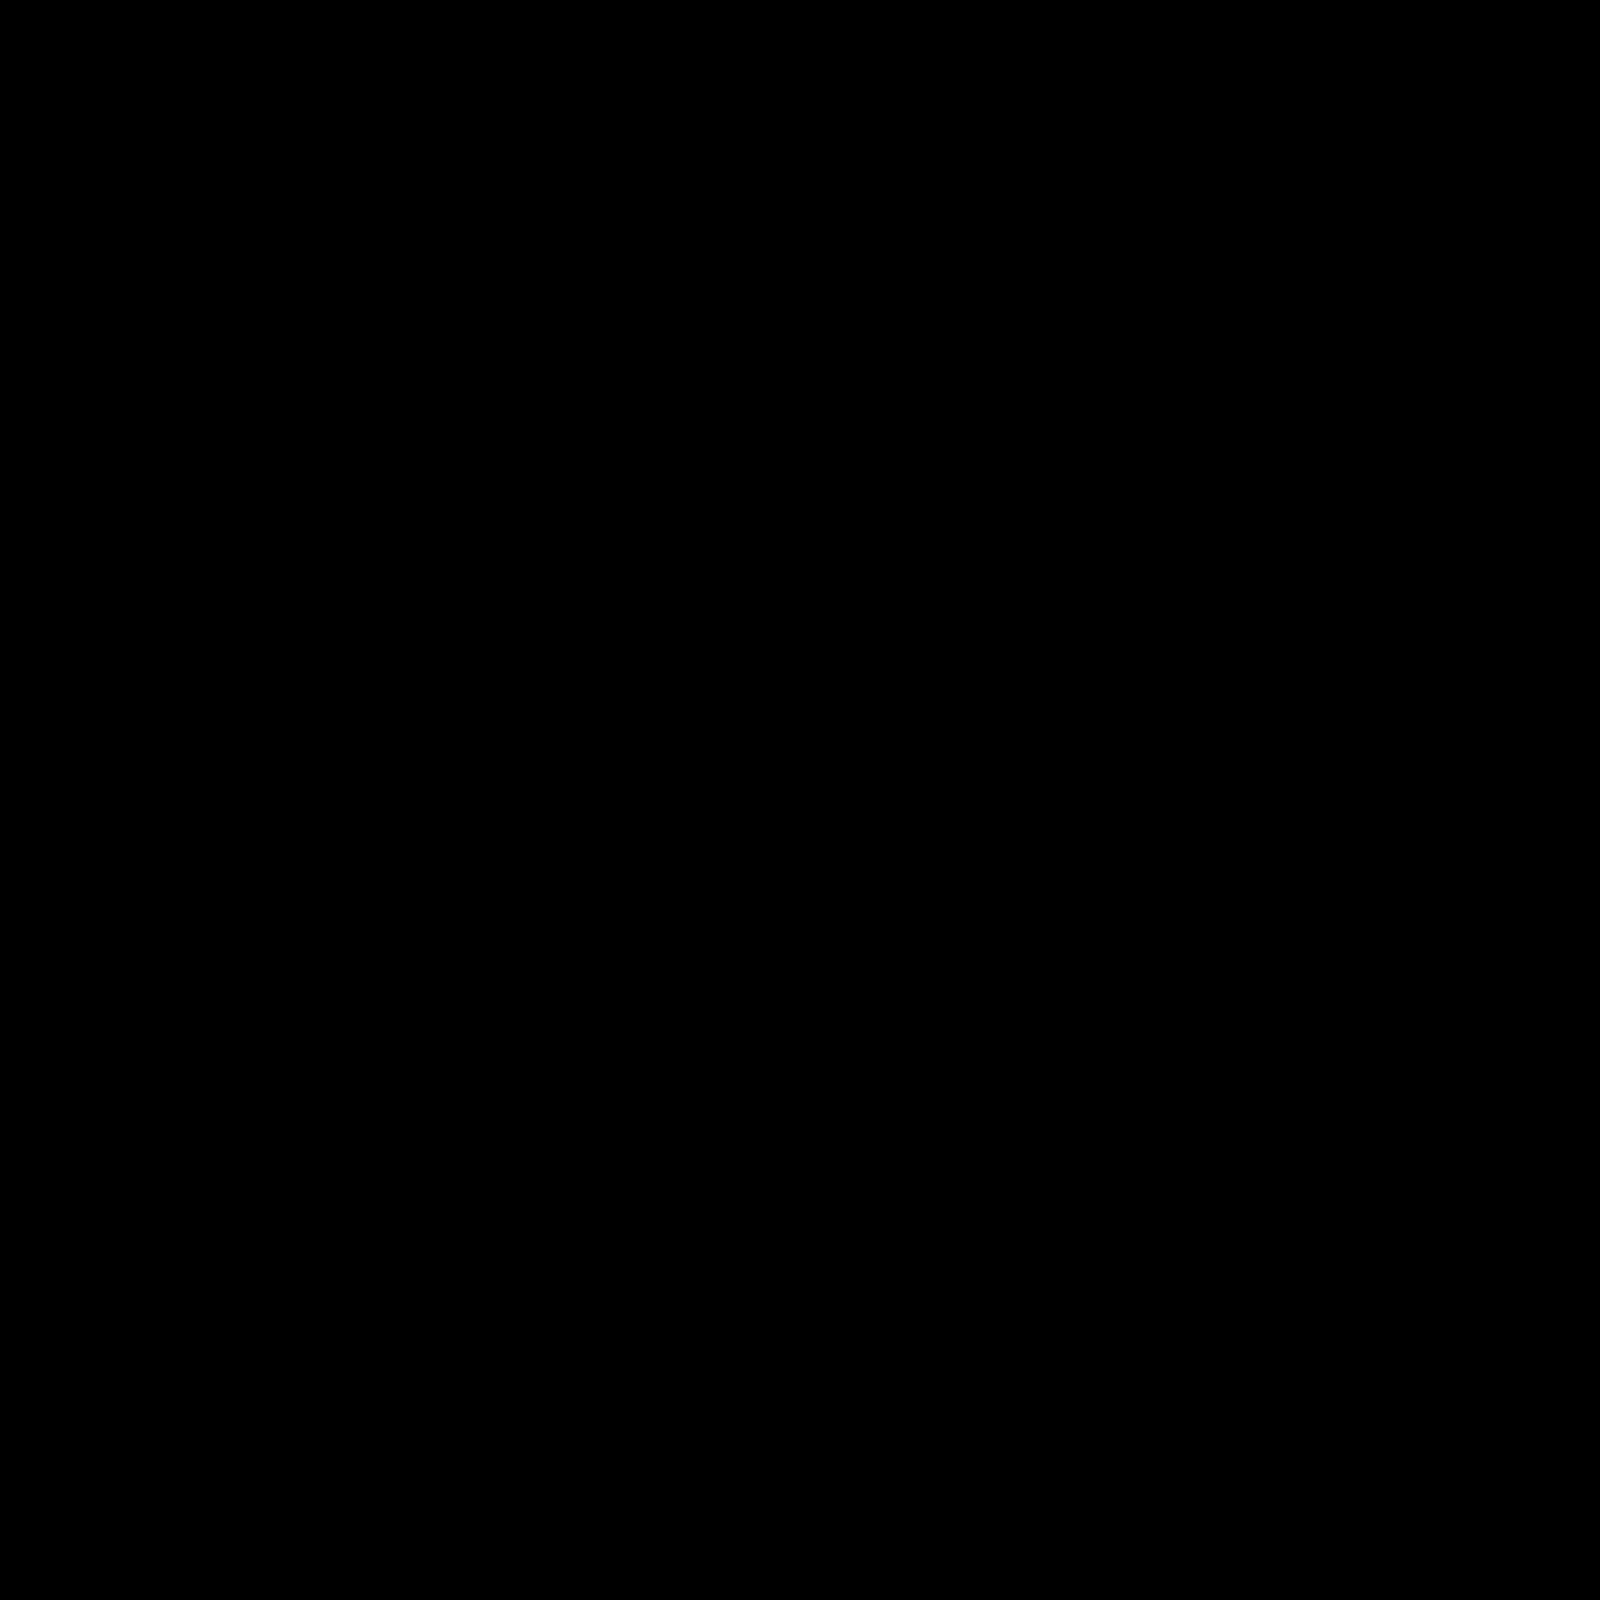 Folder użytkownika icon